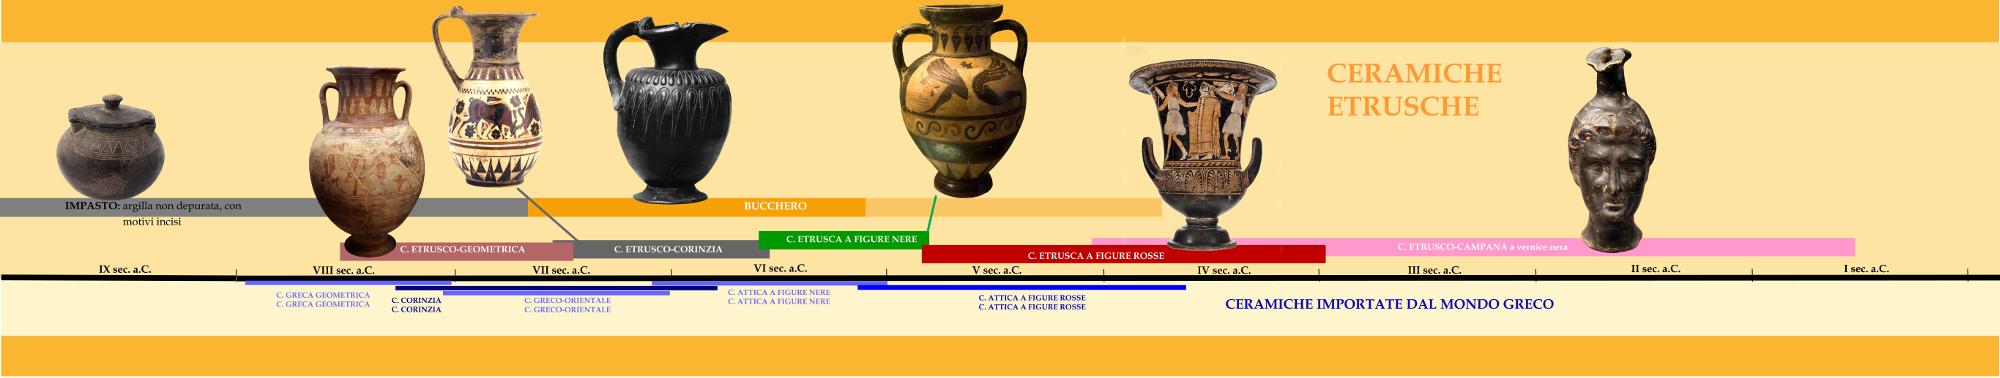 ceramiche etruschep